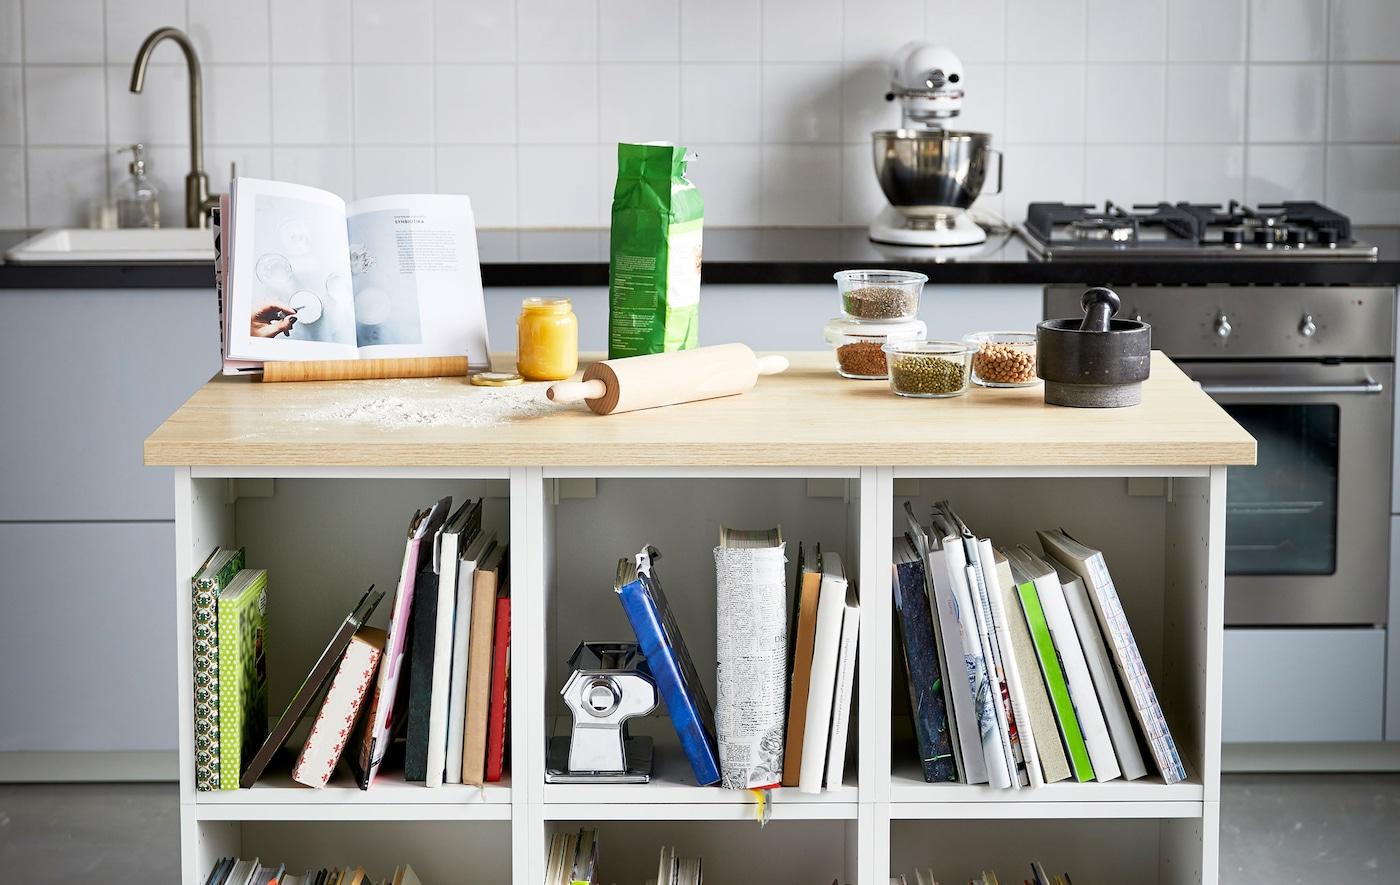 Zwei Fotos einer Kücheninsel, die sich ideal zum Backen und zum Aufbewahren von Kochbüchern und Backutensilien eignet.